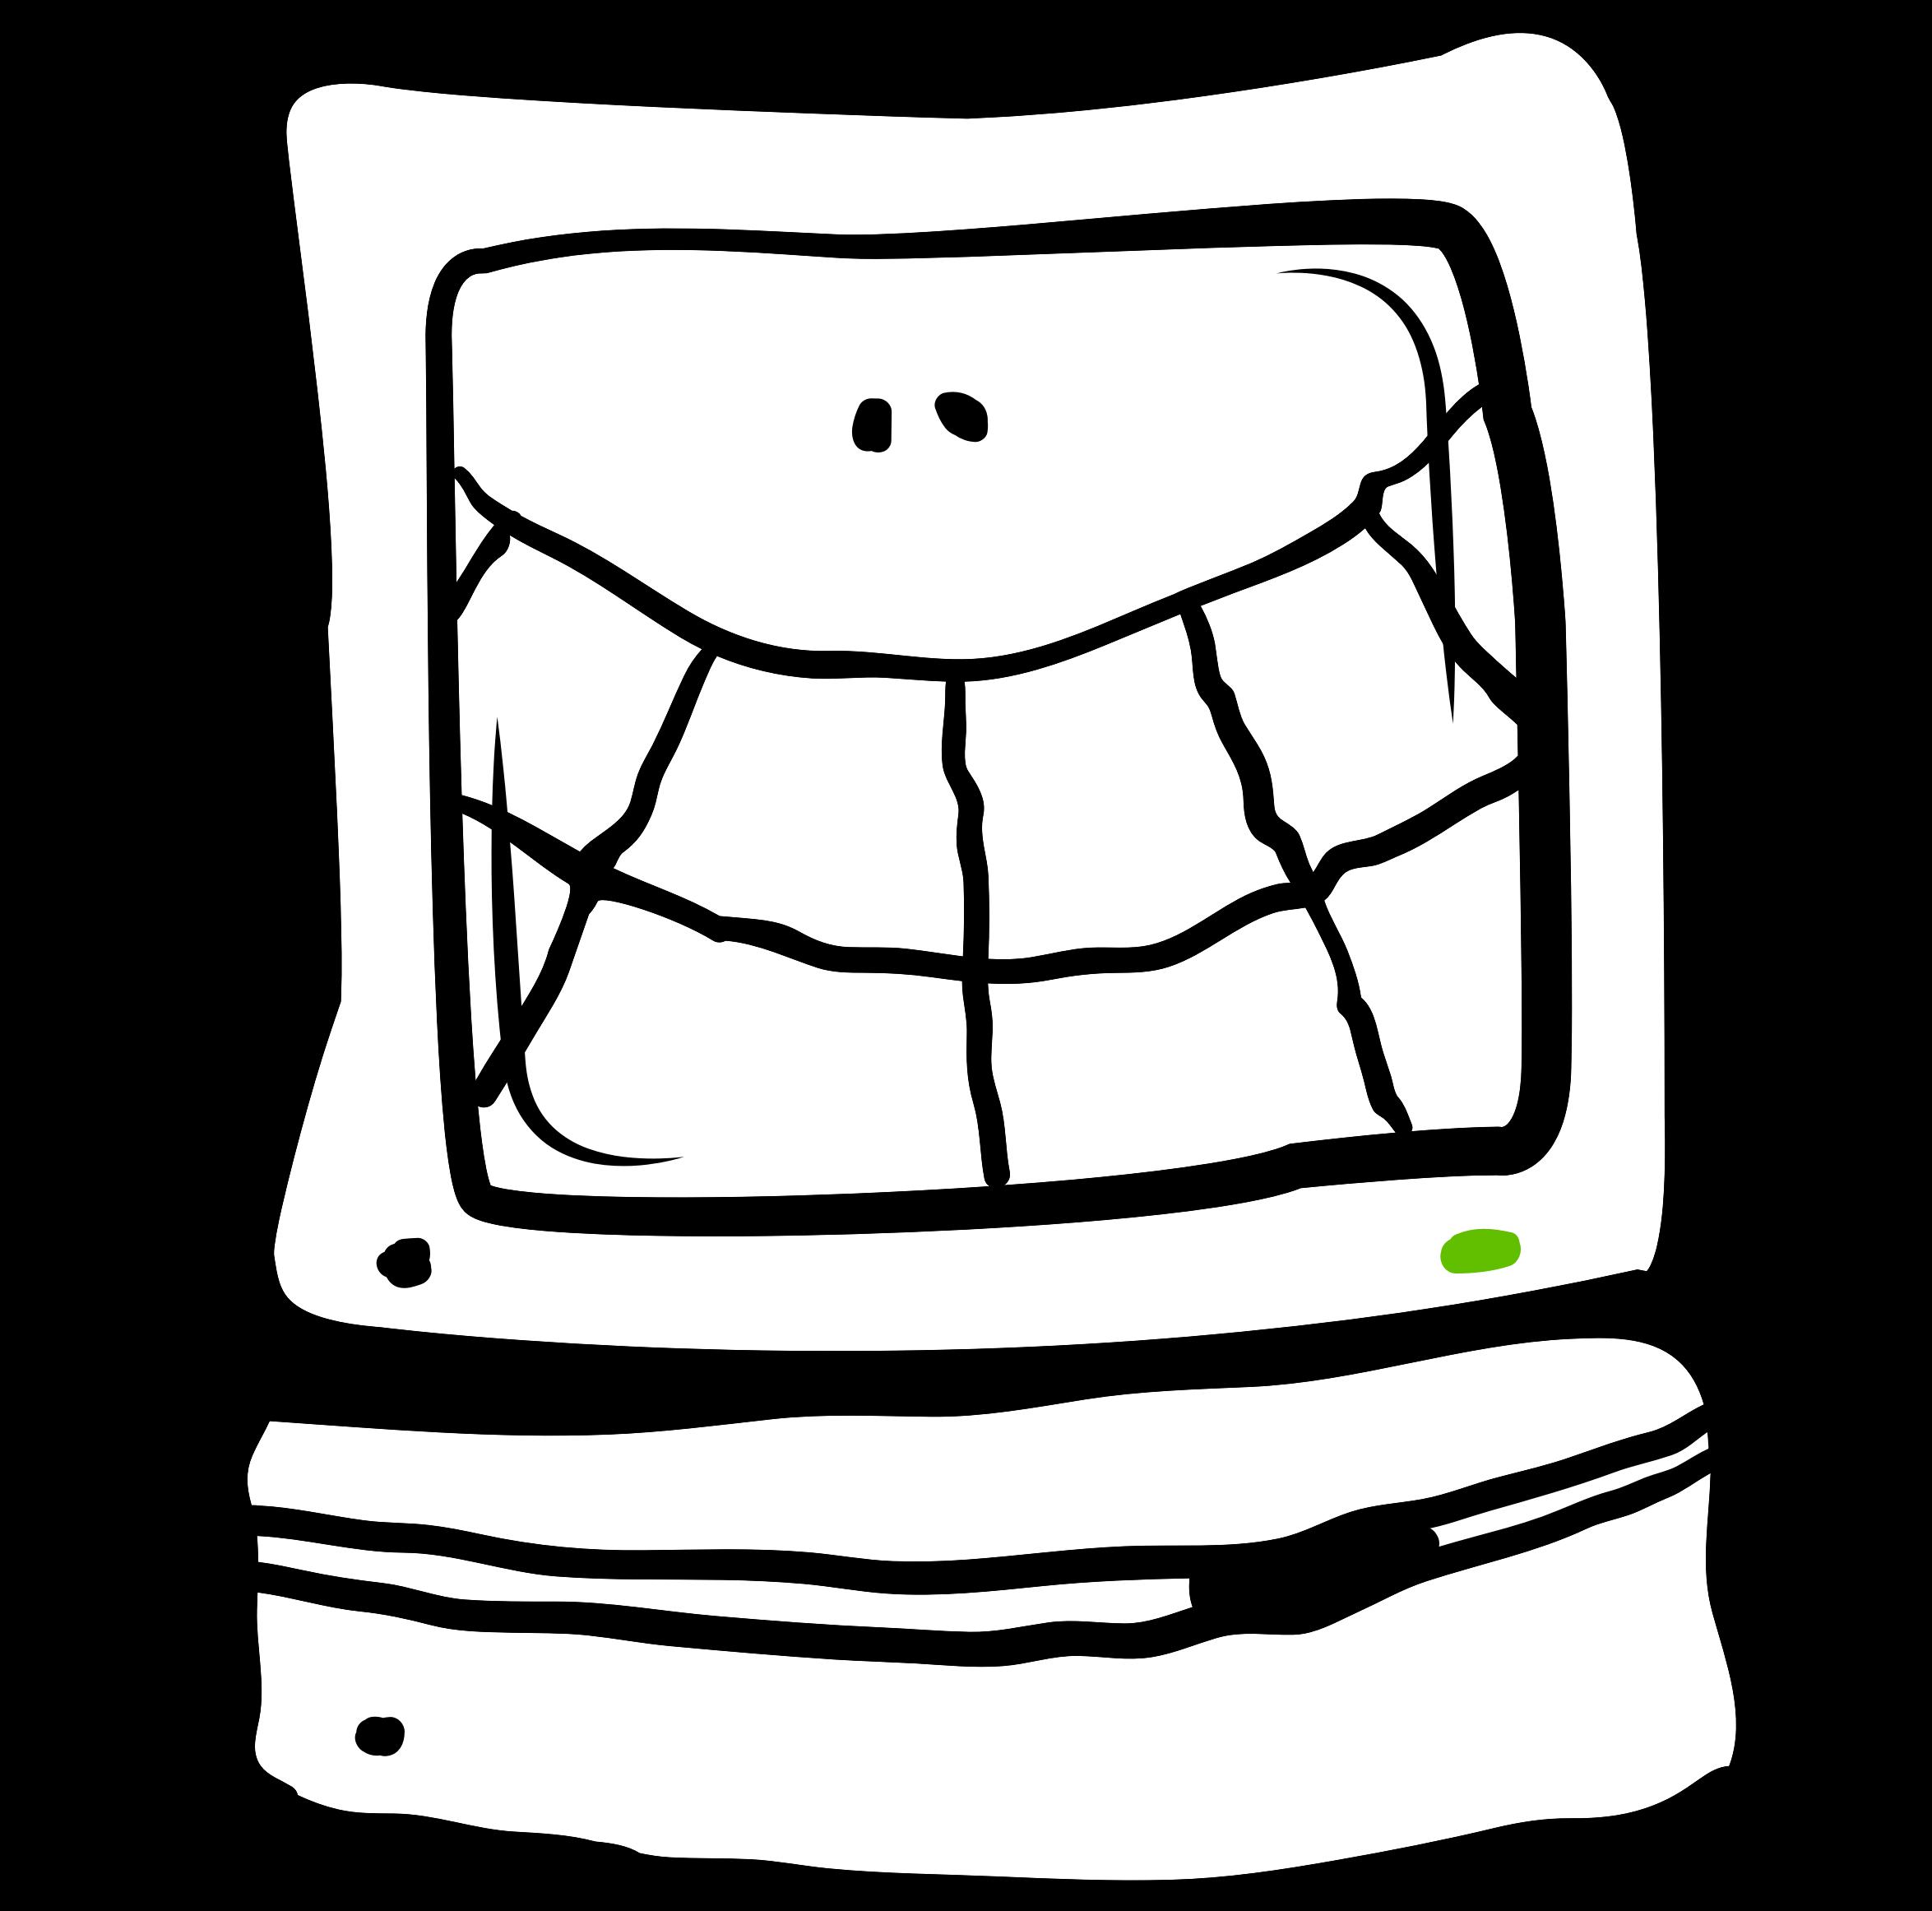 Mac big image png. Clipart computer happy